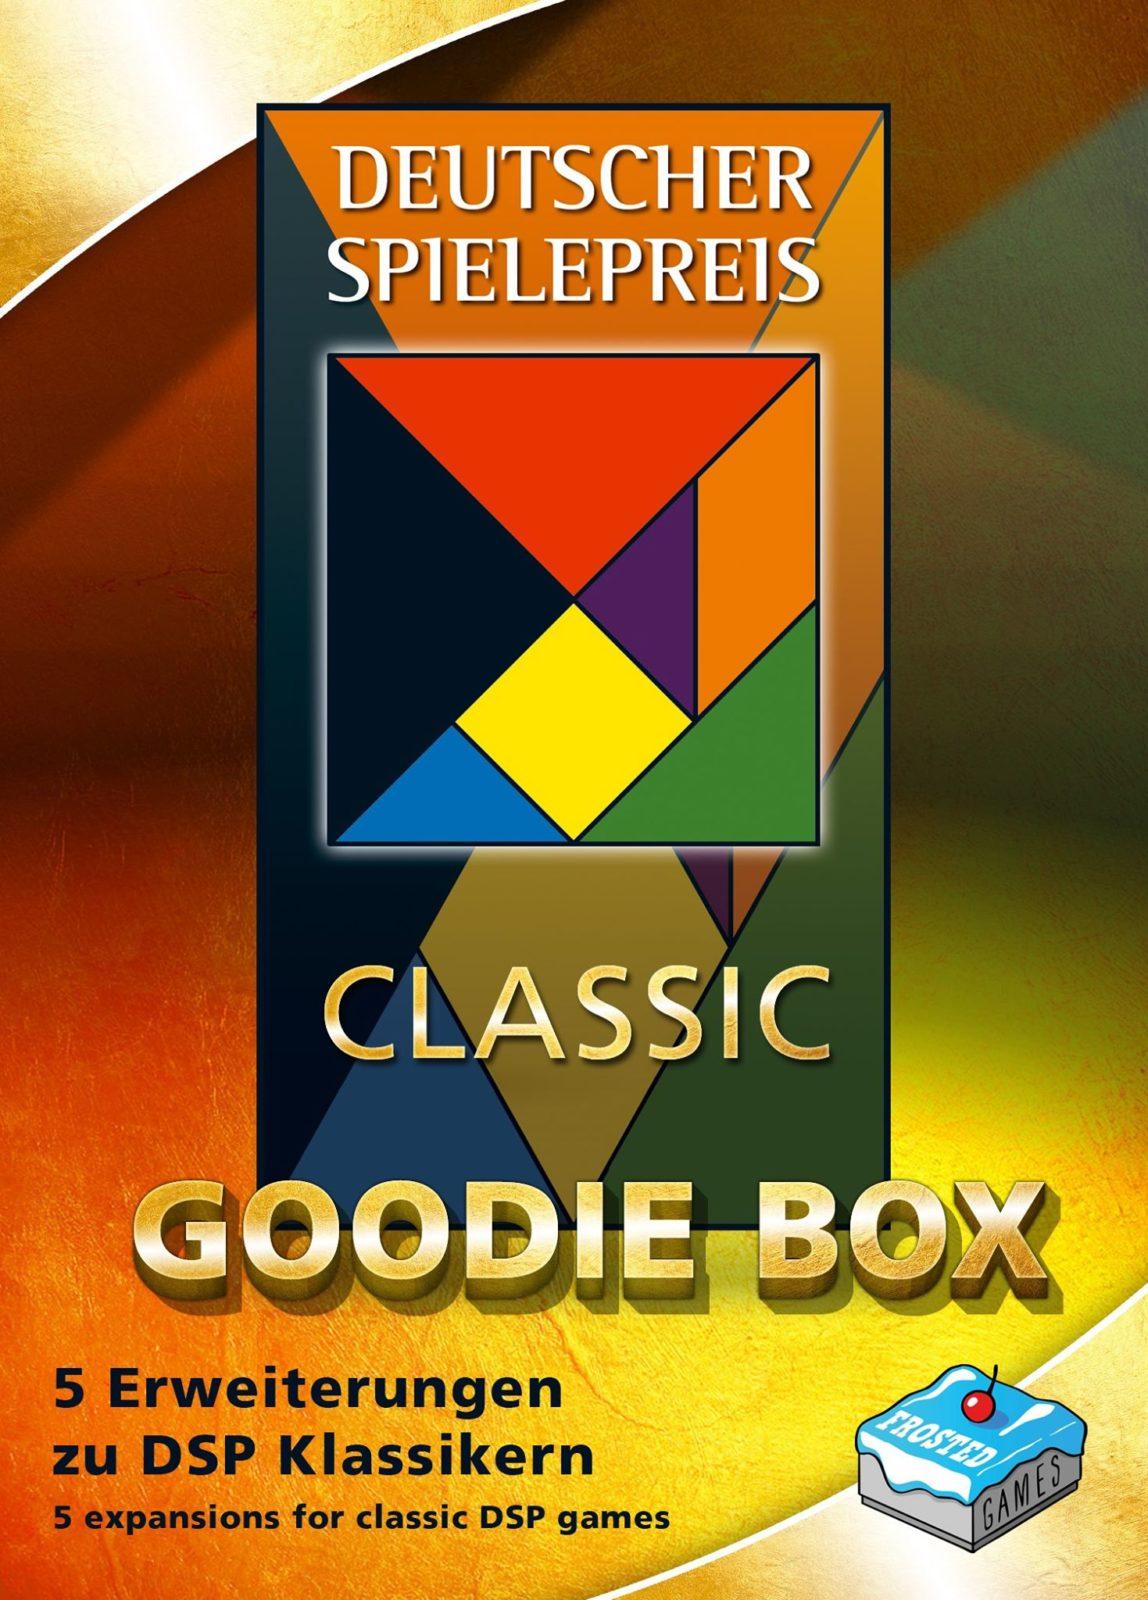 Deutscher Spielepreis Classic Goodie-Box